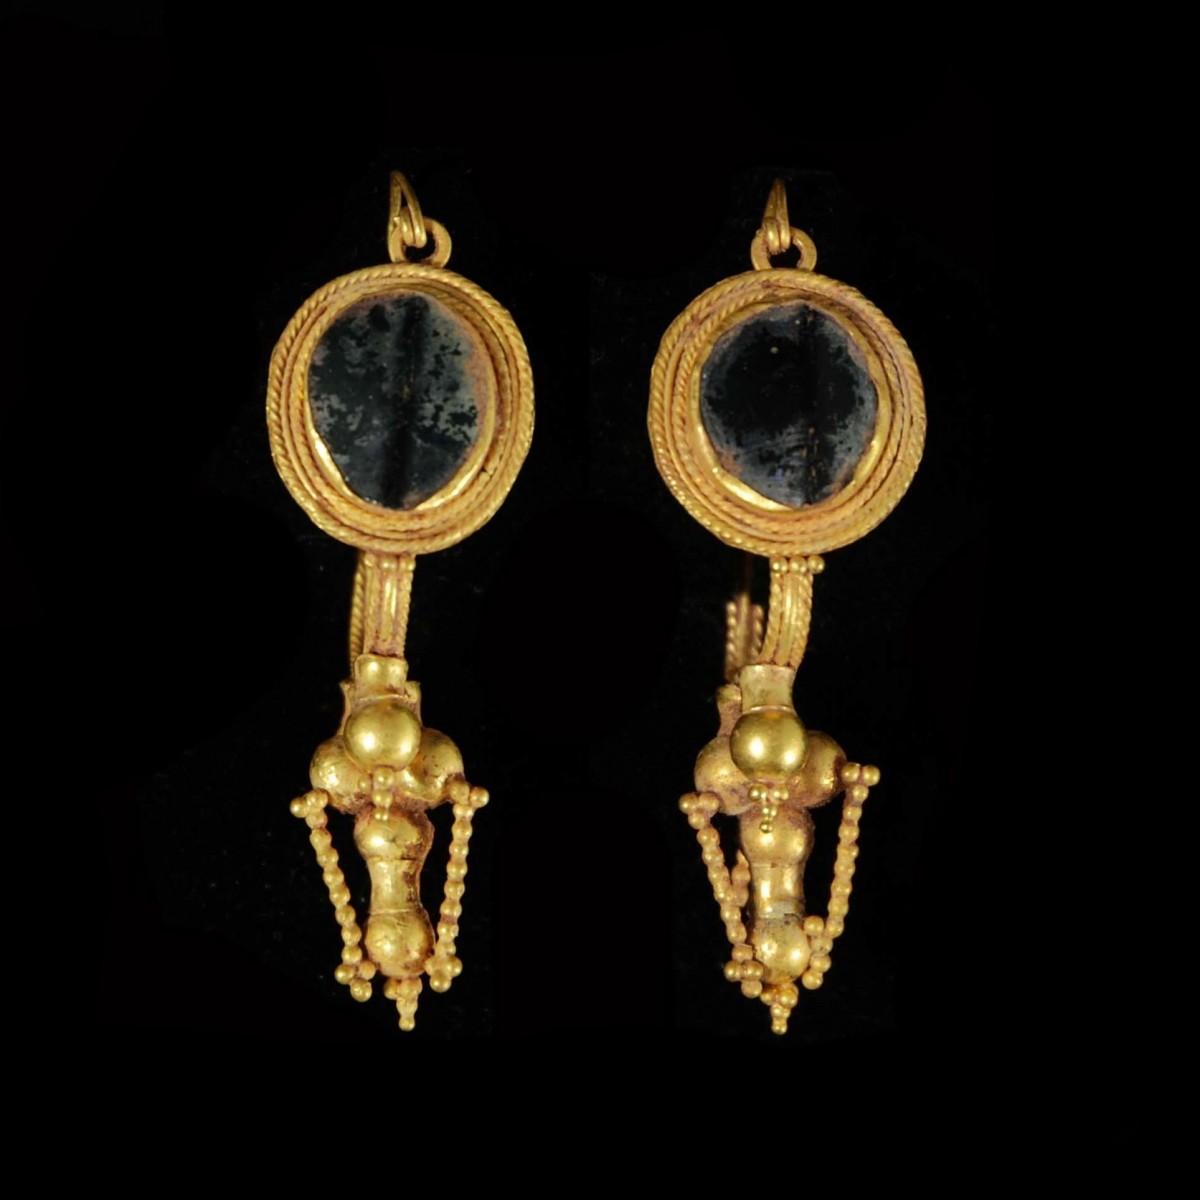 Eastern Roman Gold earrings